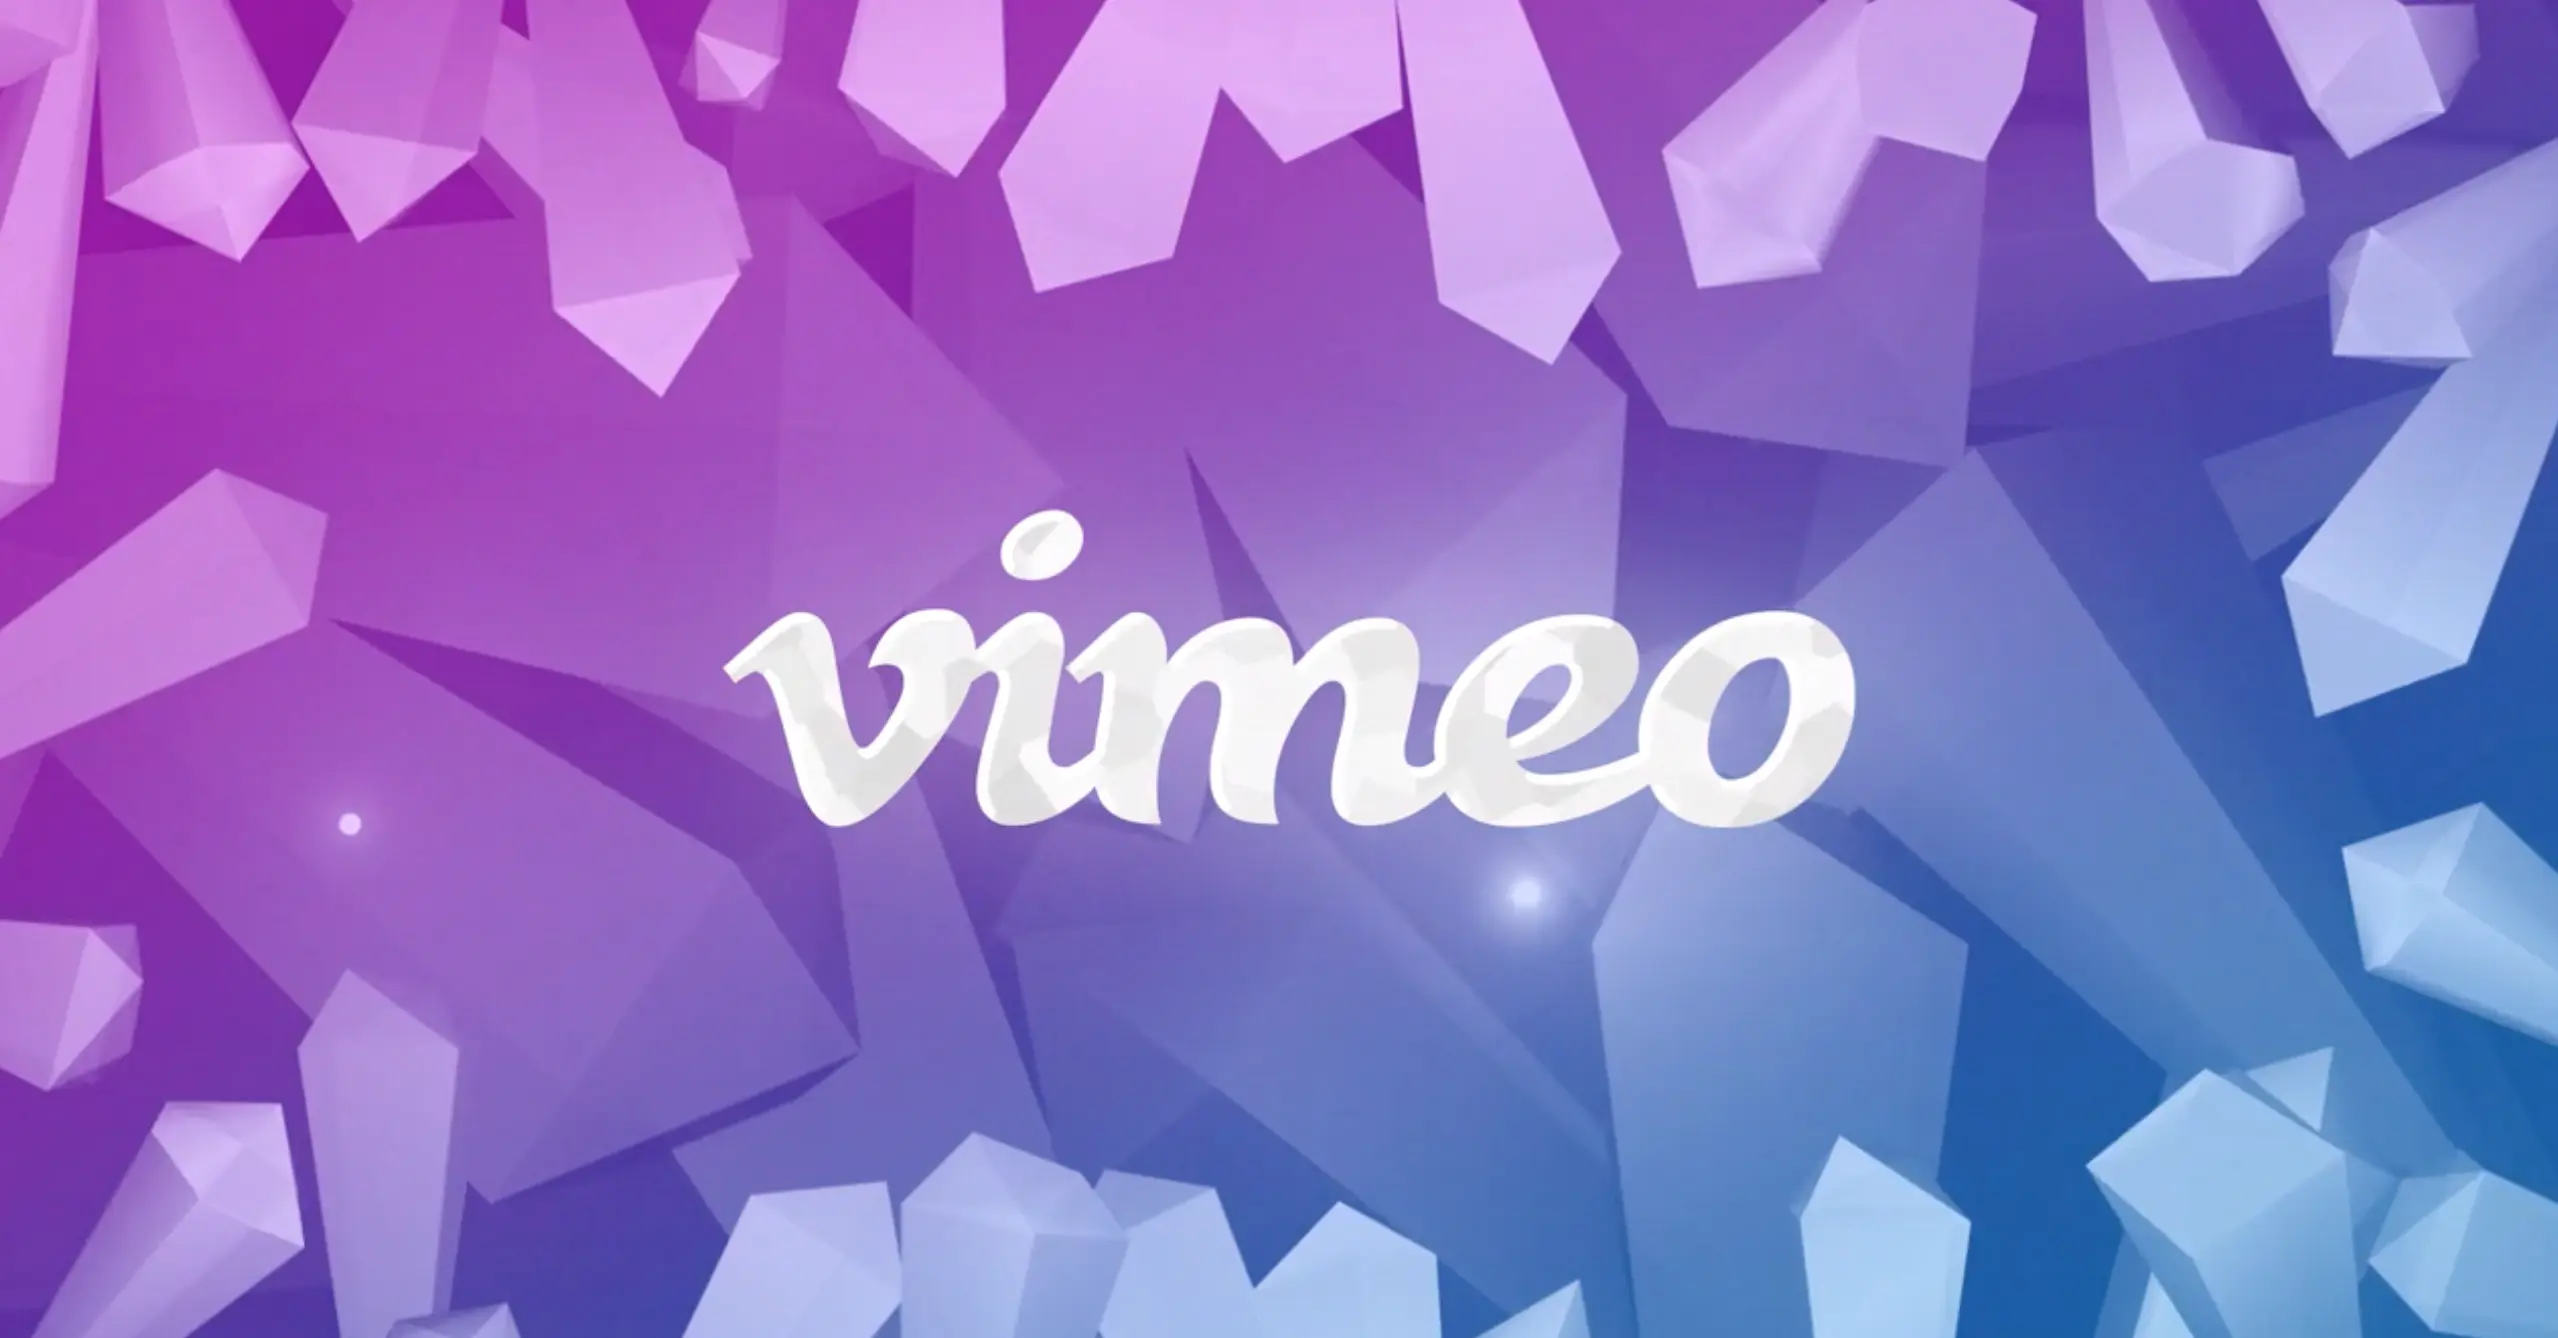 كيفية تسريع مقاطع الفيديو في Vimeo باستخدام عناصر التحكم في السرعة